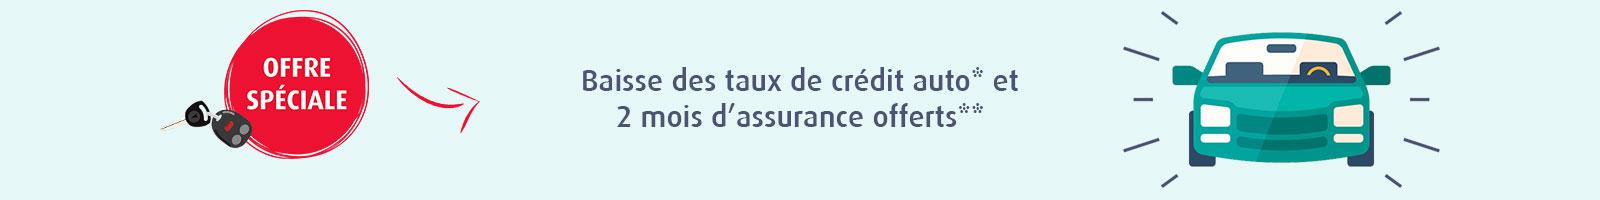 Baisse taux crédit auto juin 2017